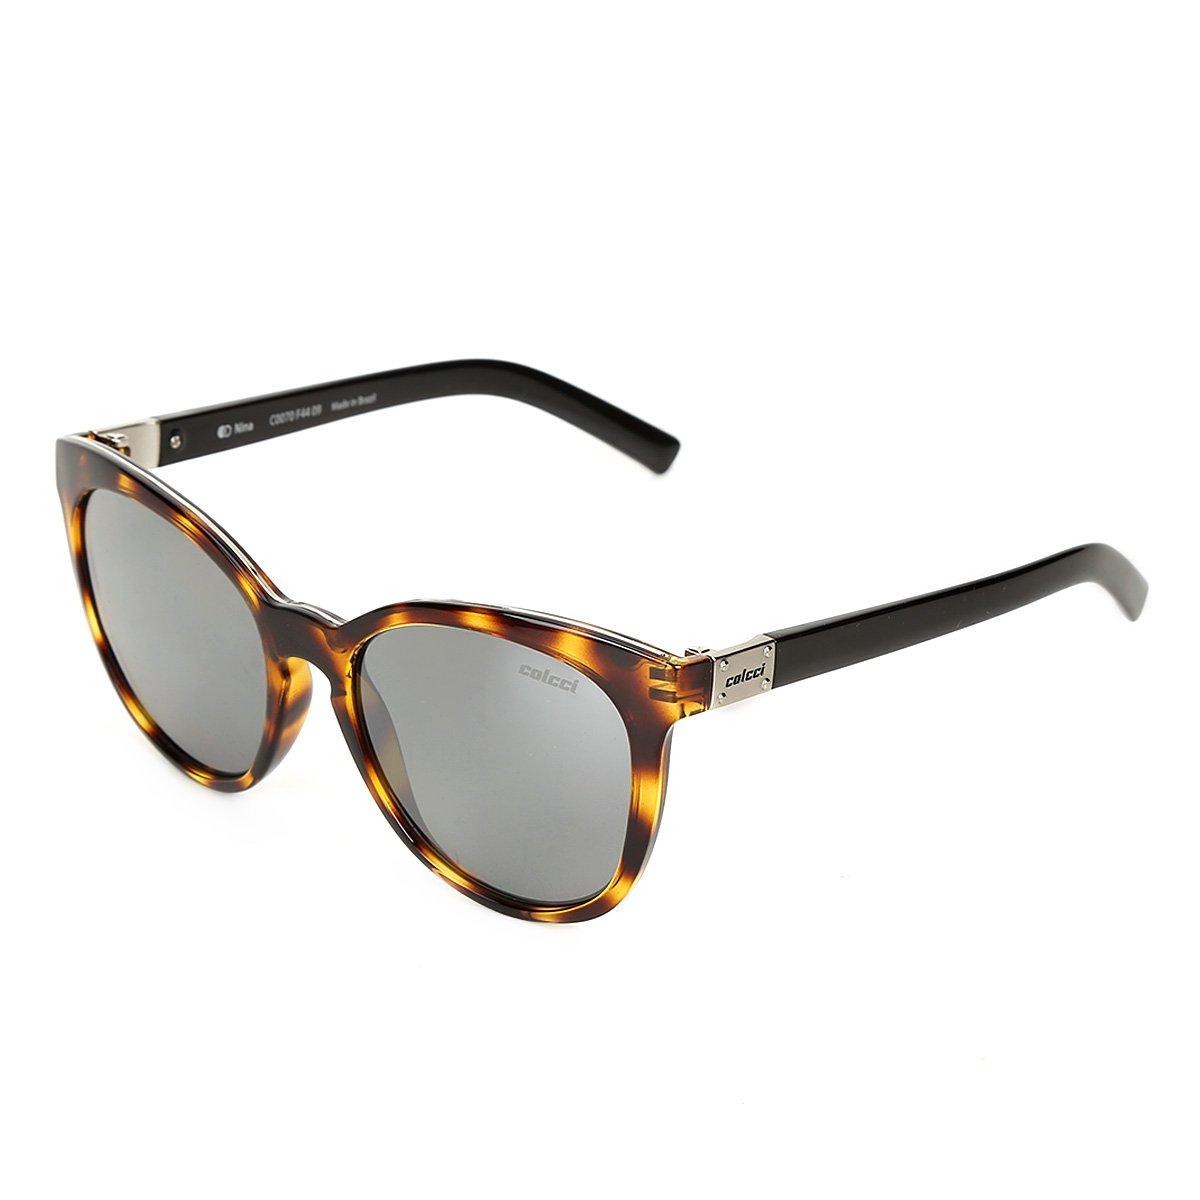 860ee55608352 Óculos de Sol Colcci Nina Demi Feminino - Compre Agora   Netshoes